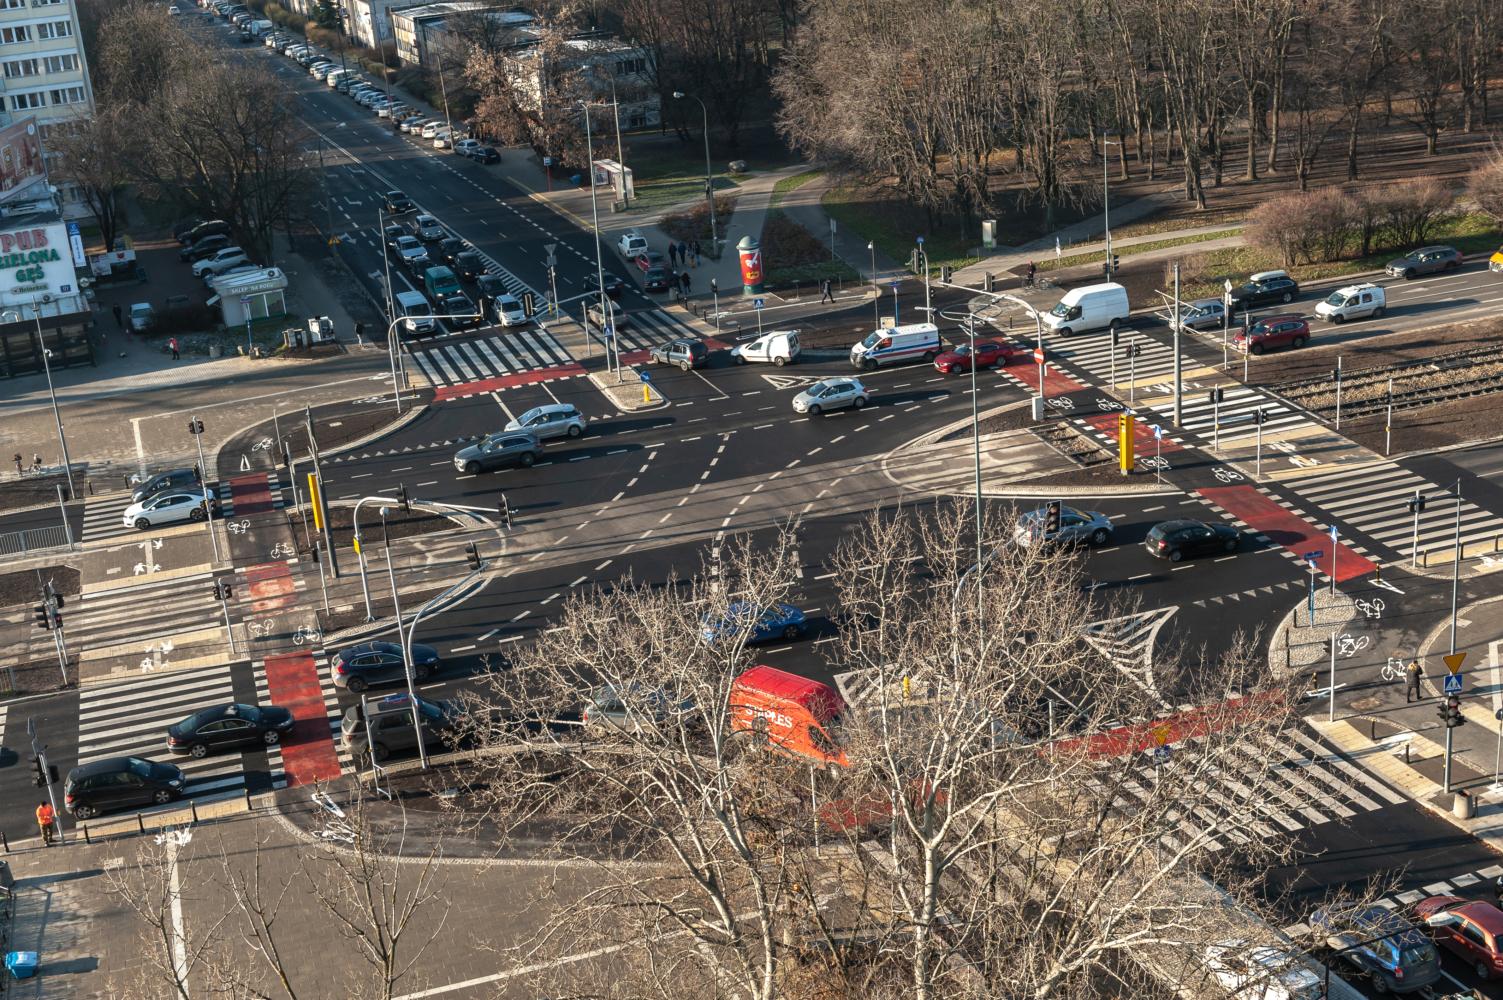 Przebudowane skrzyżowanie al. Niepodległości i ul. Stefana Batorego. Powstało tam nowe przejście dla pieszych i dojścia do przystanków komunikacji miejskiej